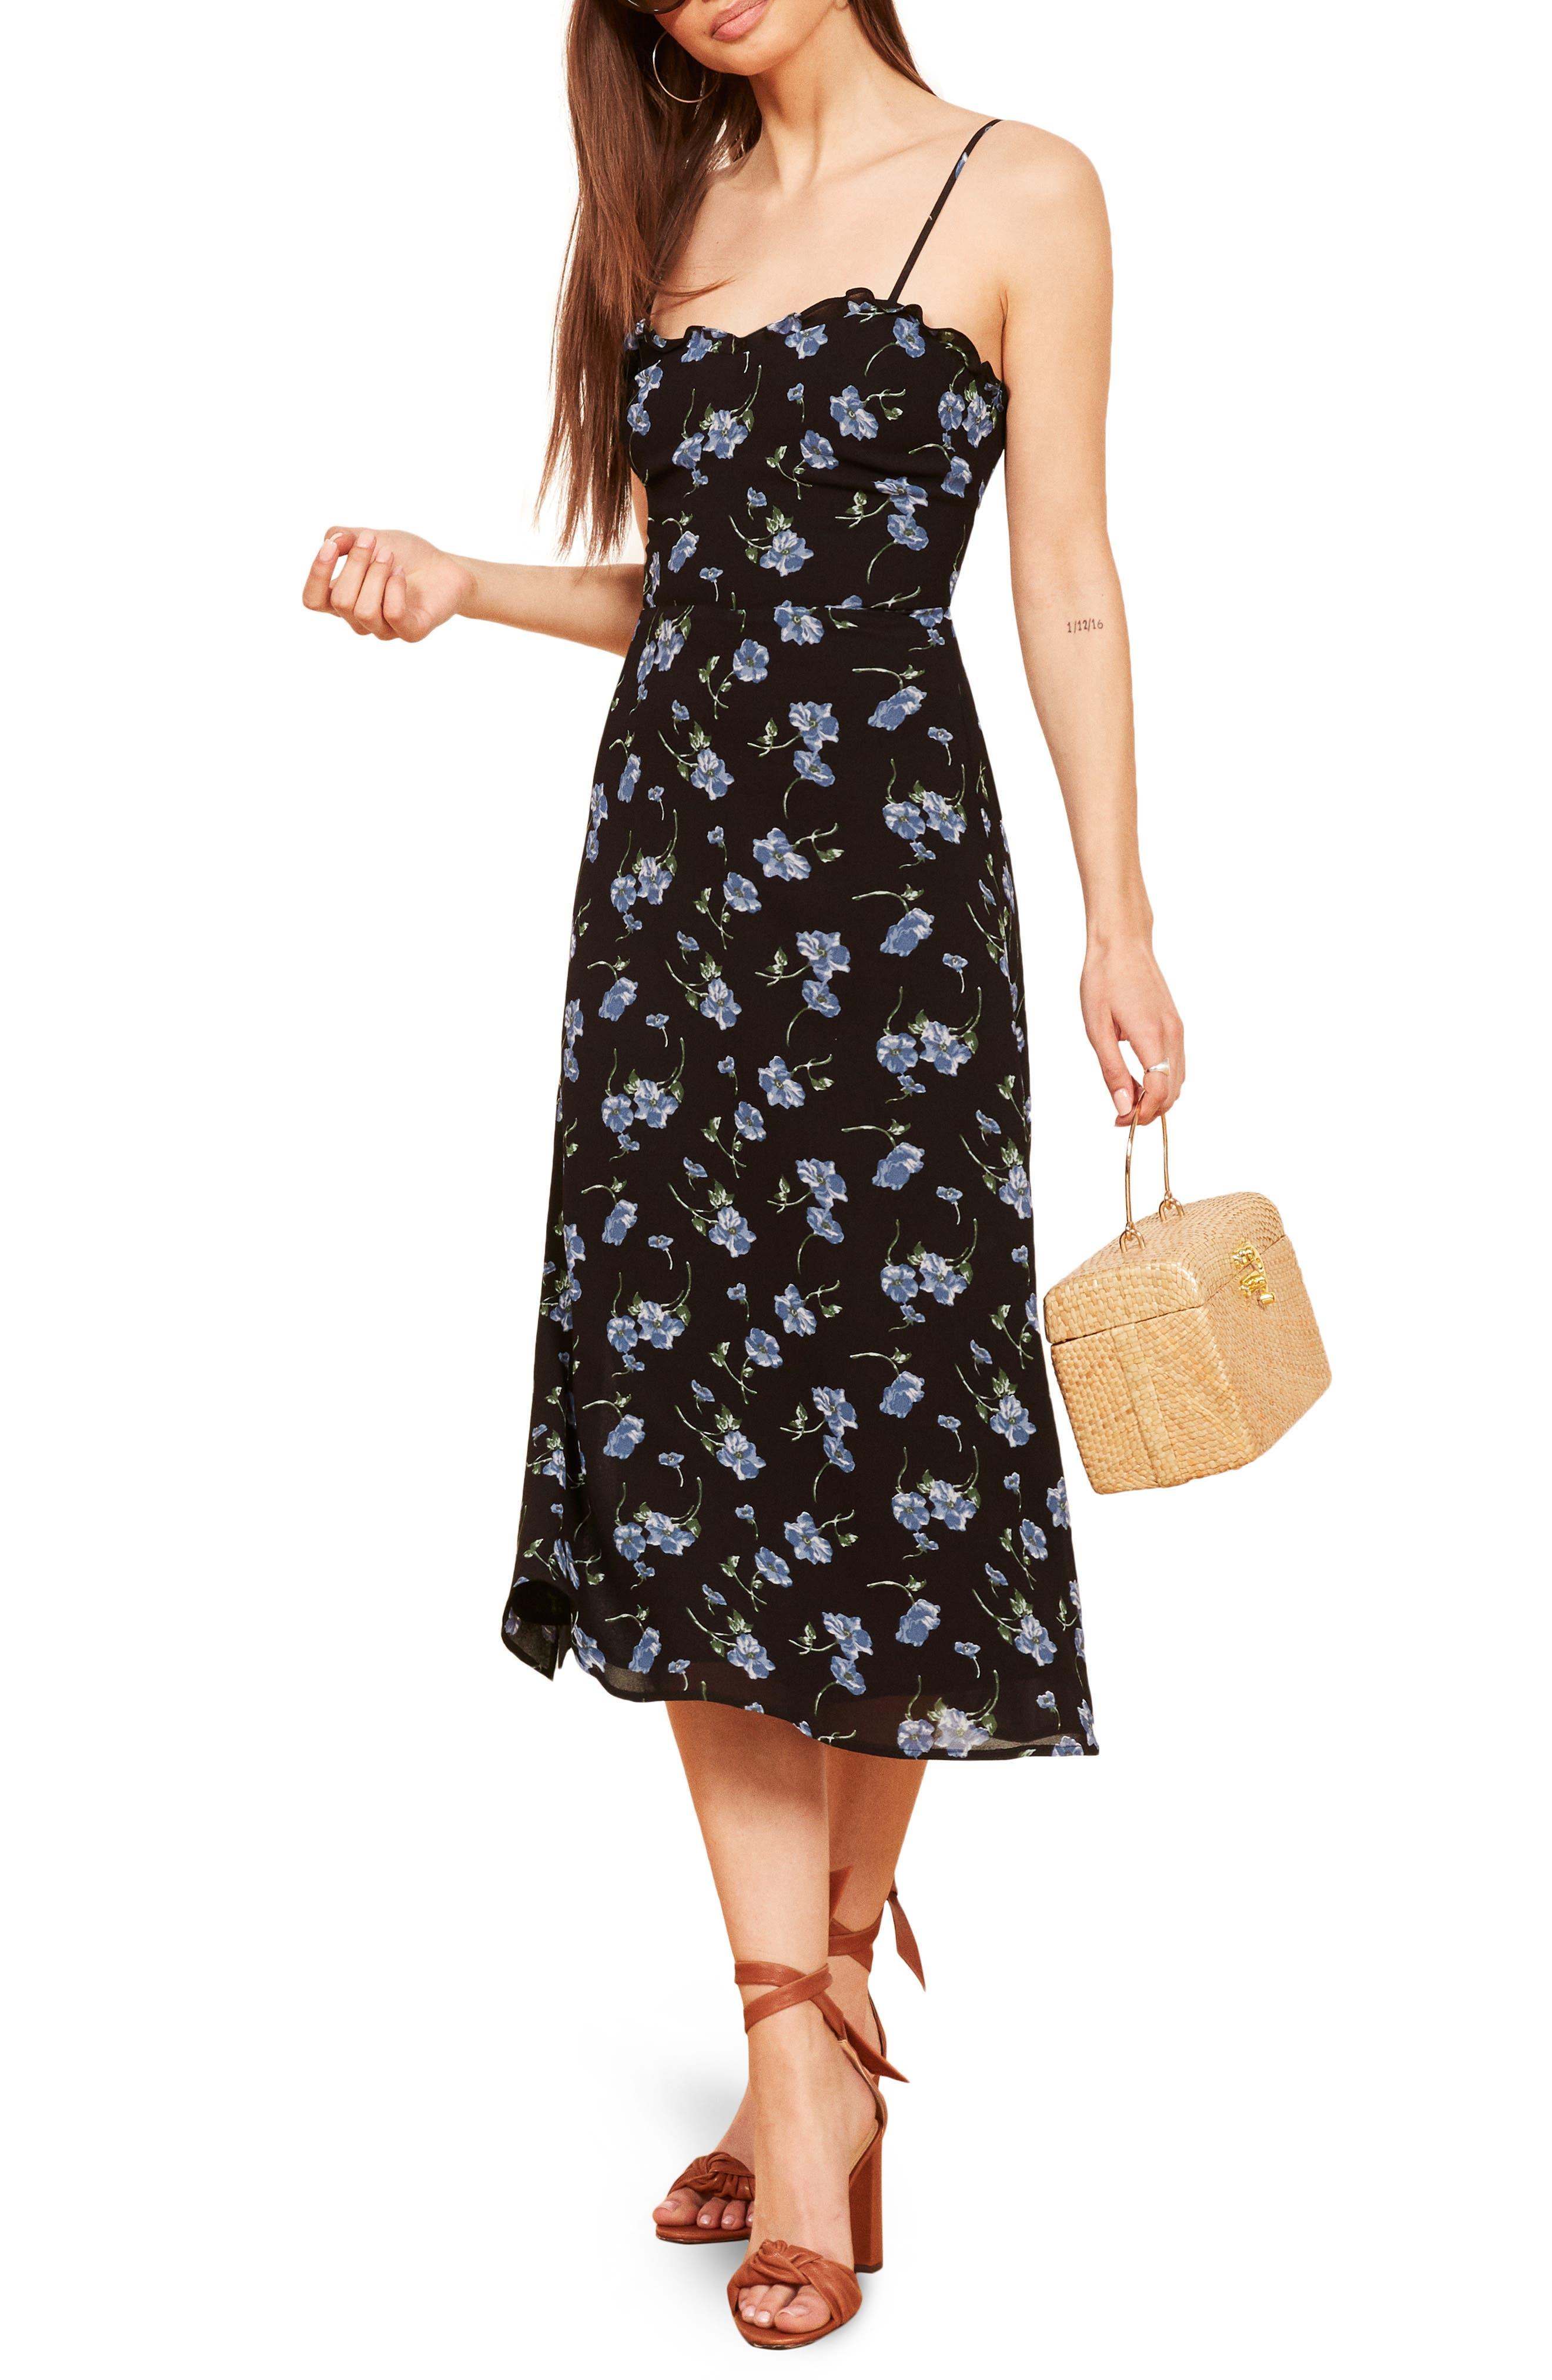 Cassandra Floral Dress,                             Main thumbnail 1, color,                             001